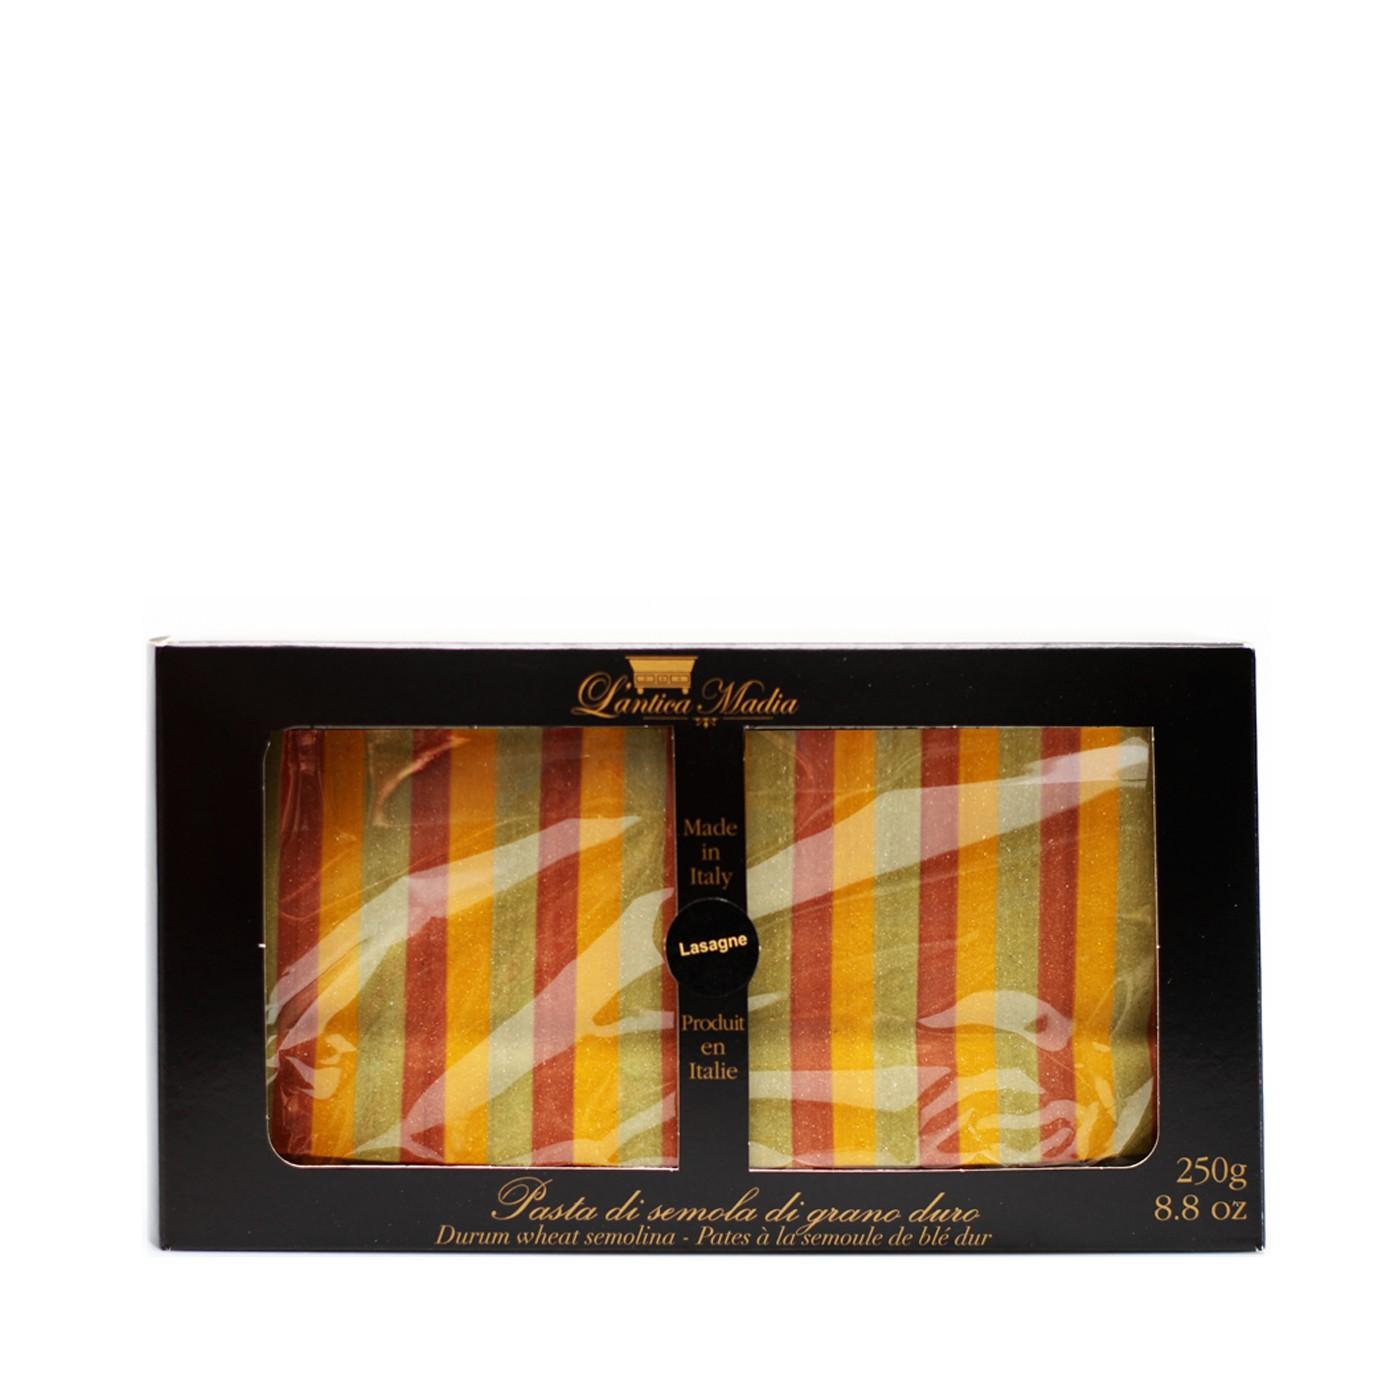 Multicolored Lasagne 8.8oz